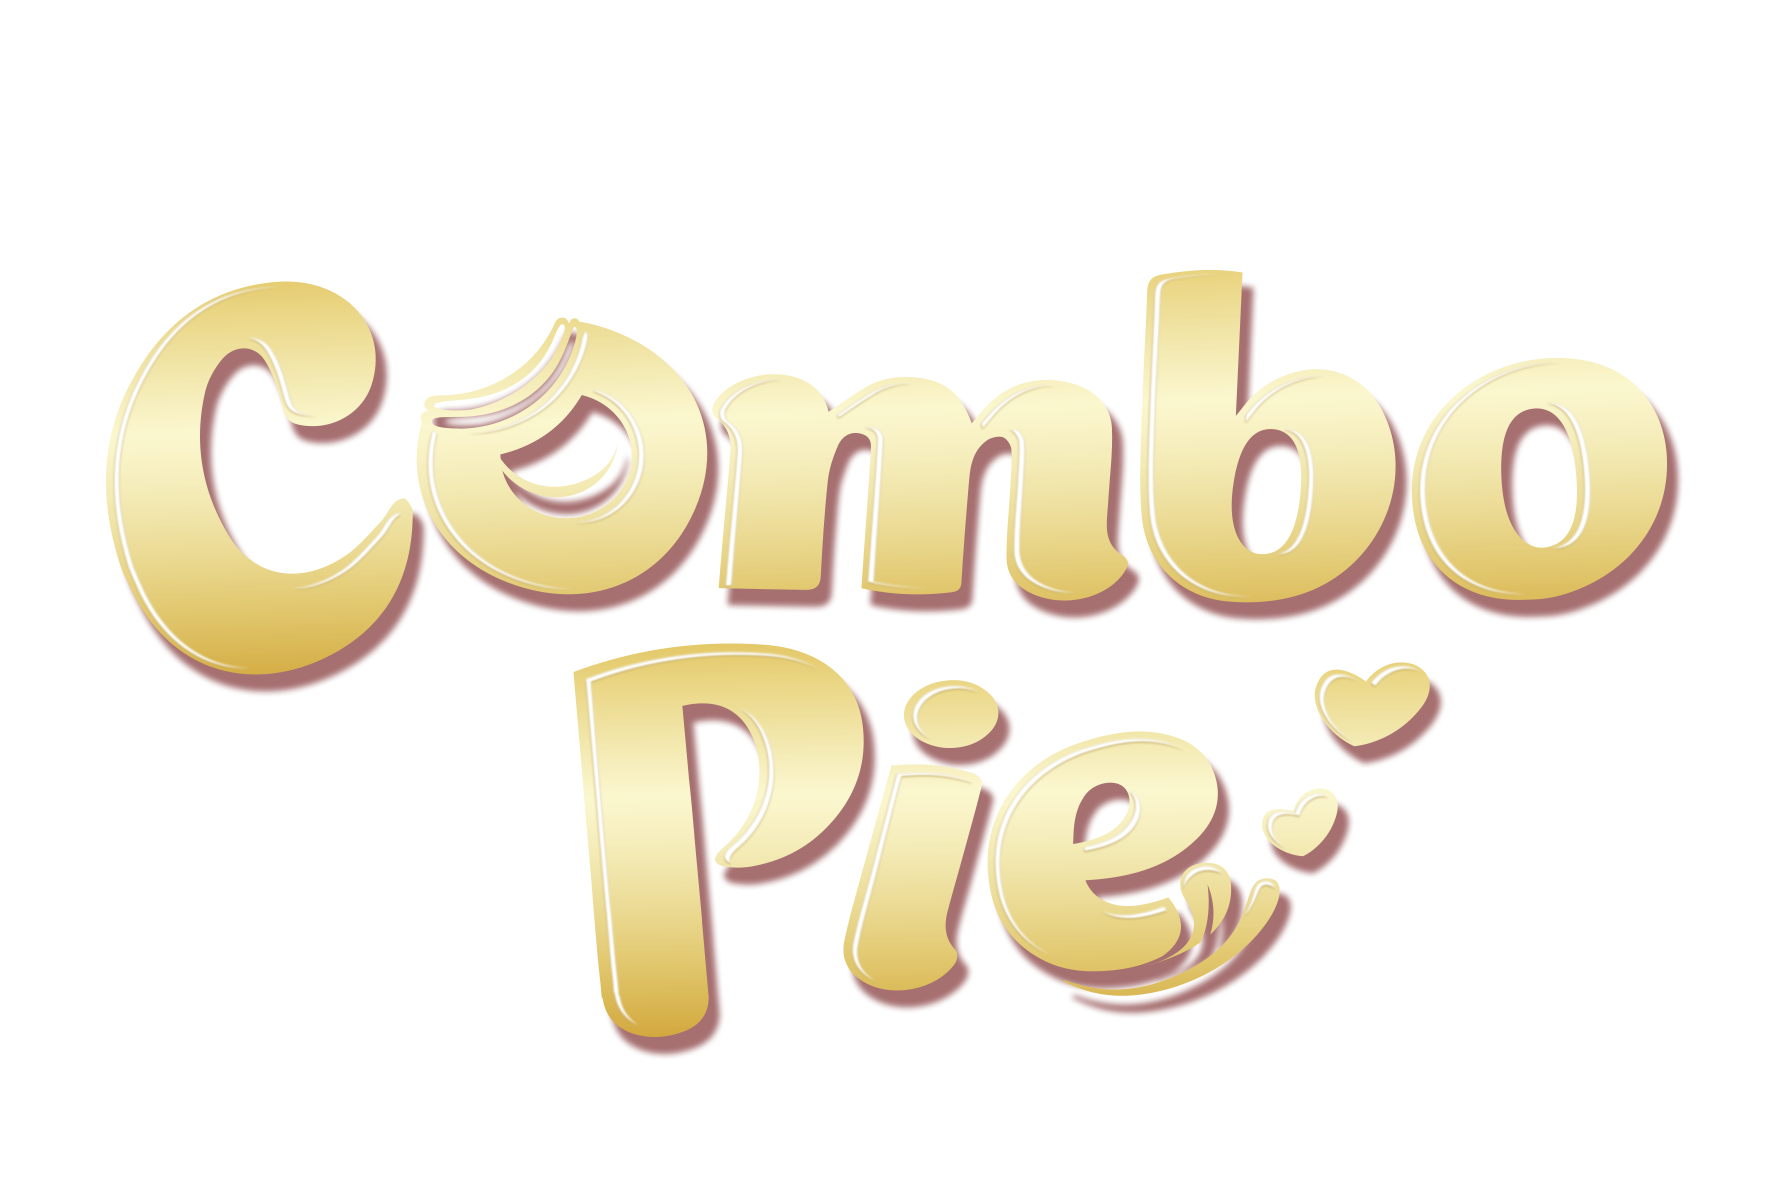 COMBO PIE